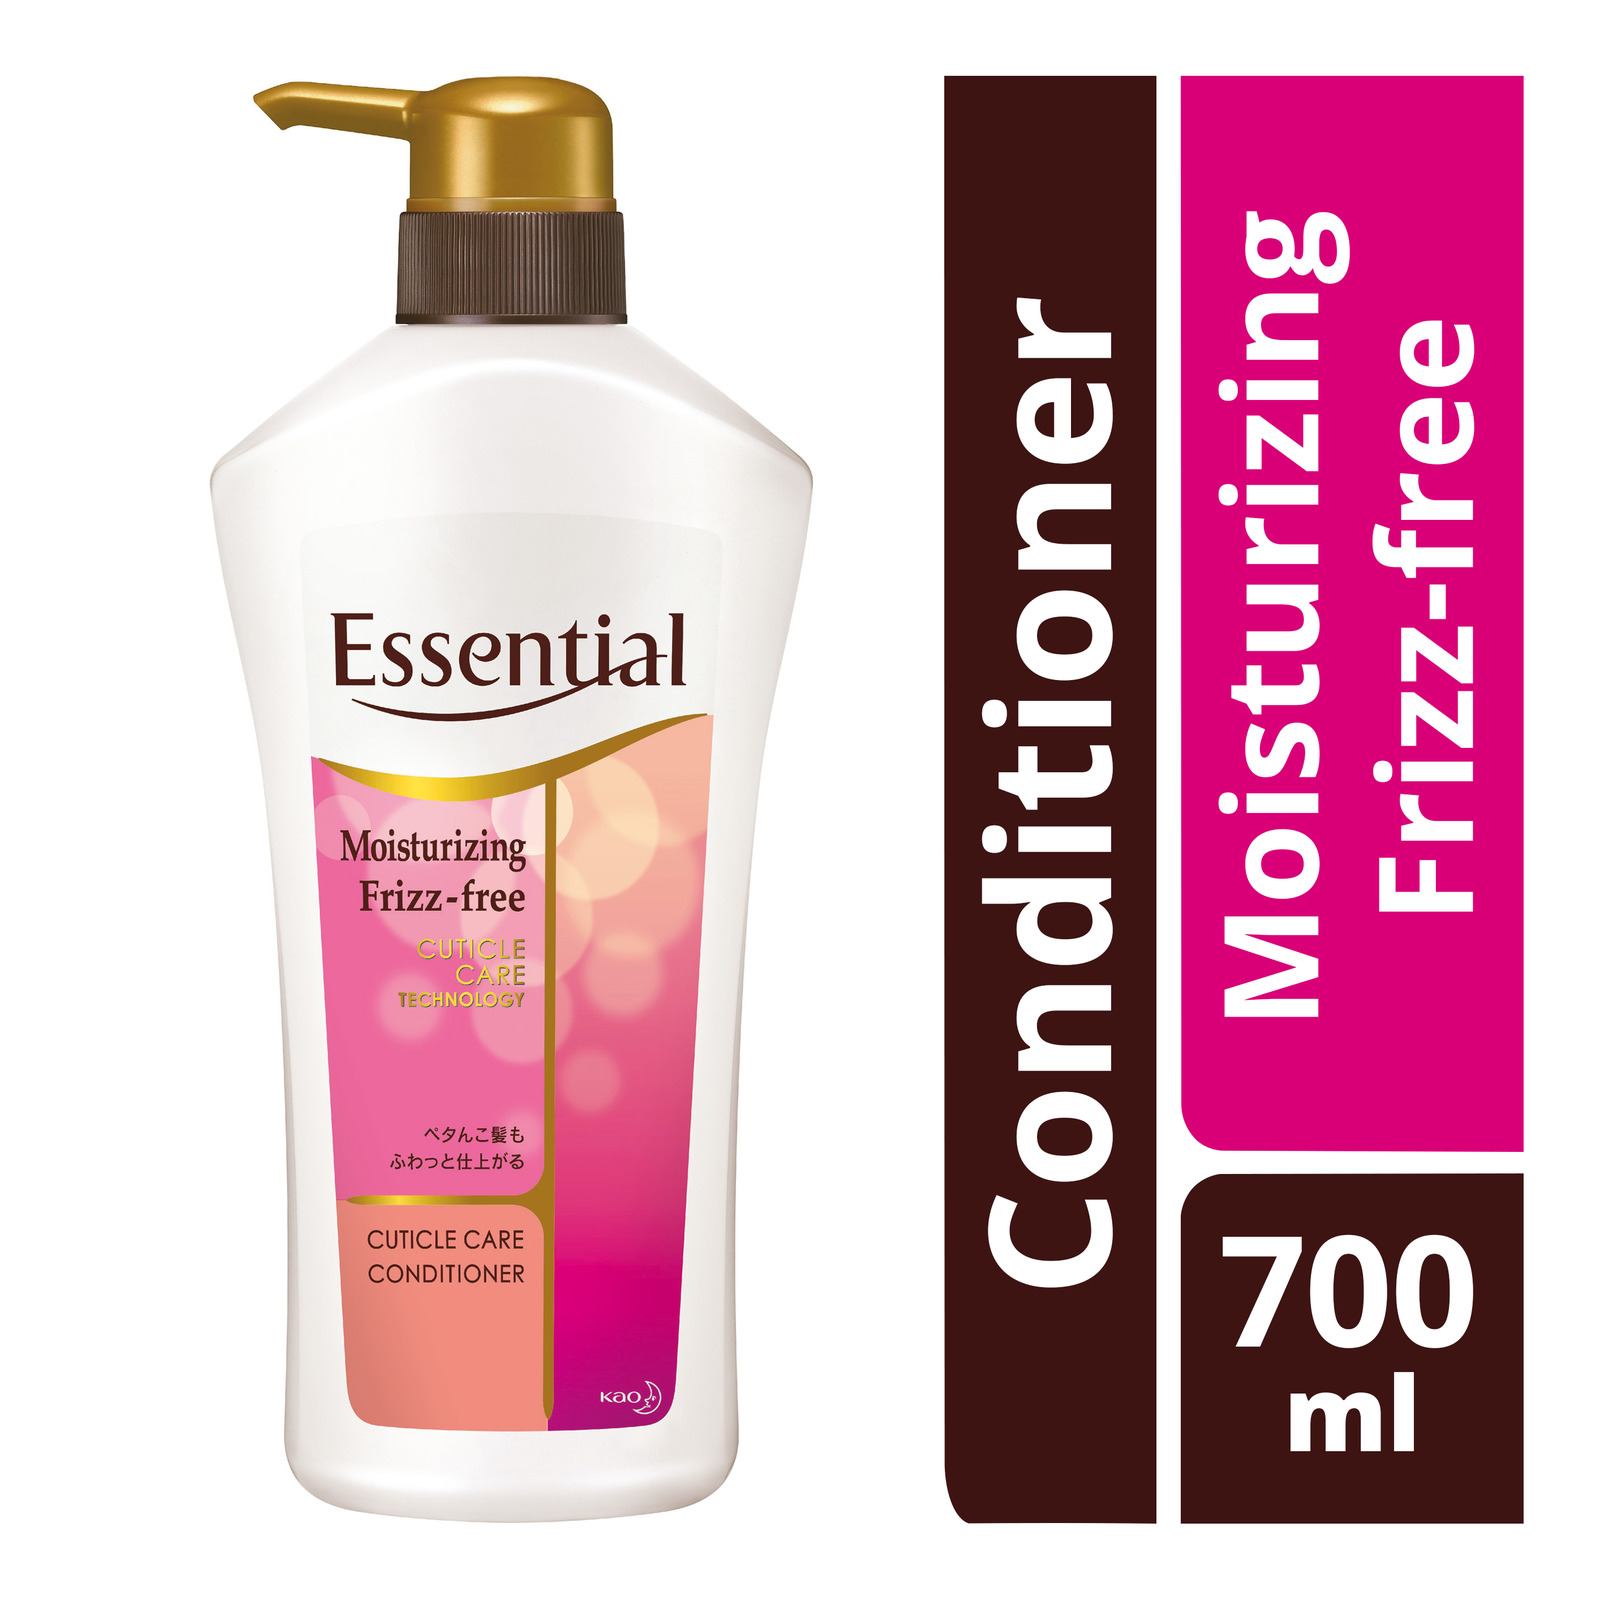 Essential Cuticle Care Conditioner - Moisturizing